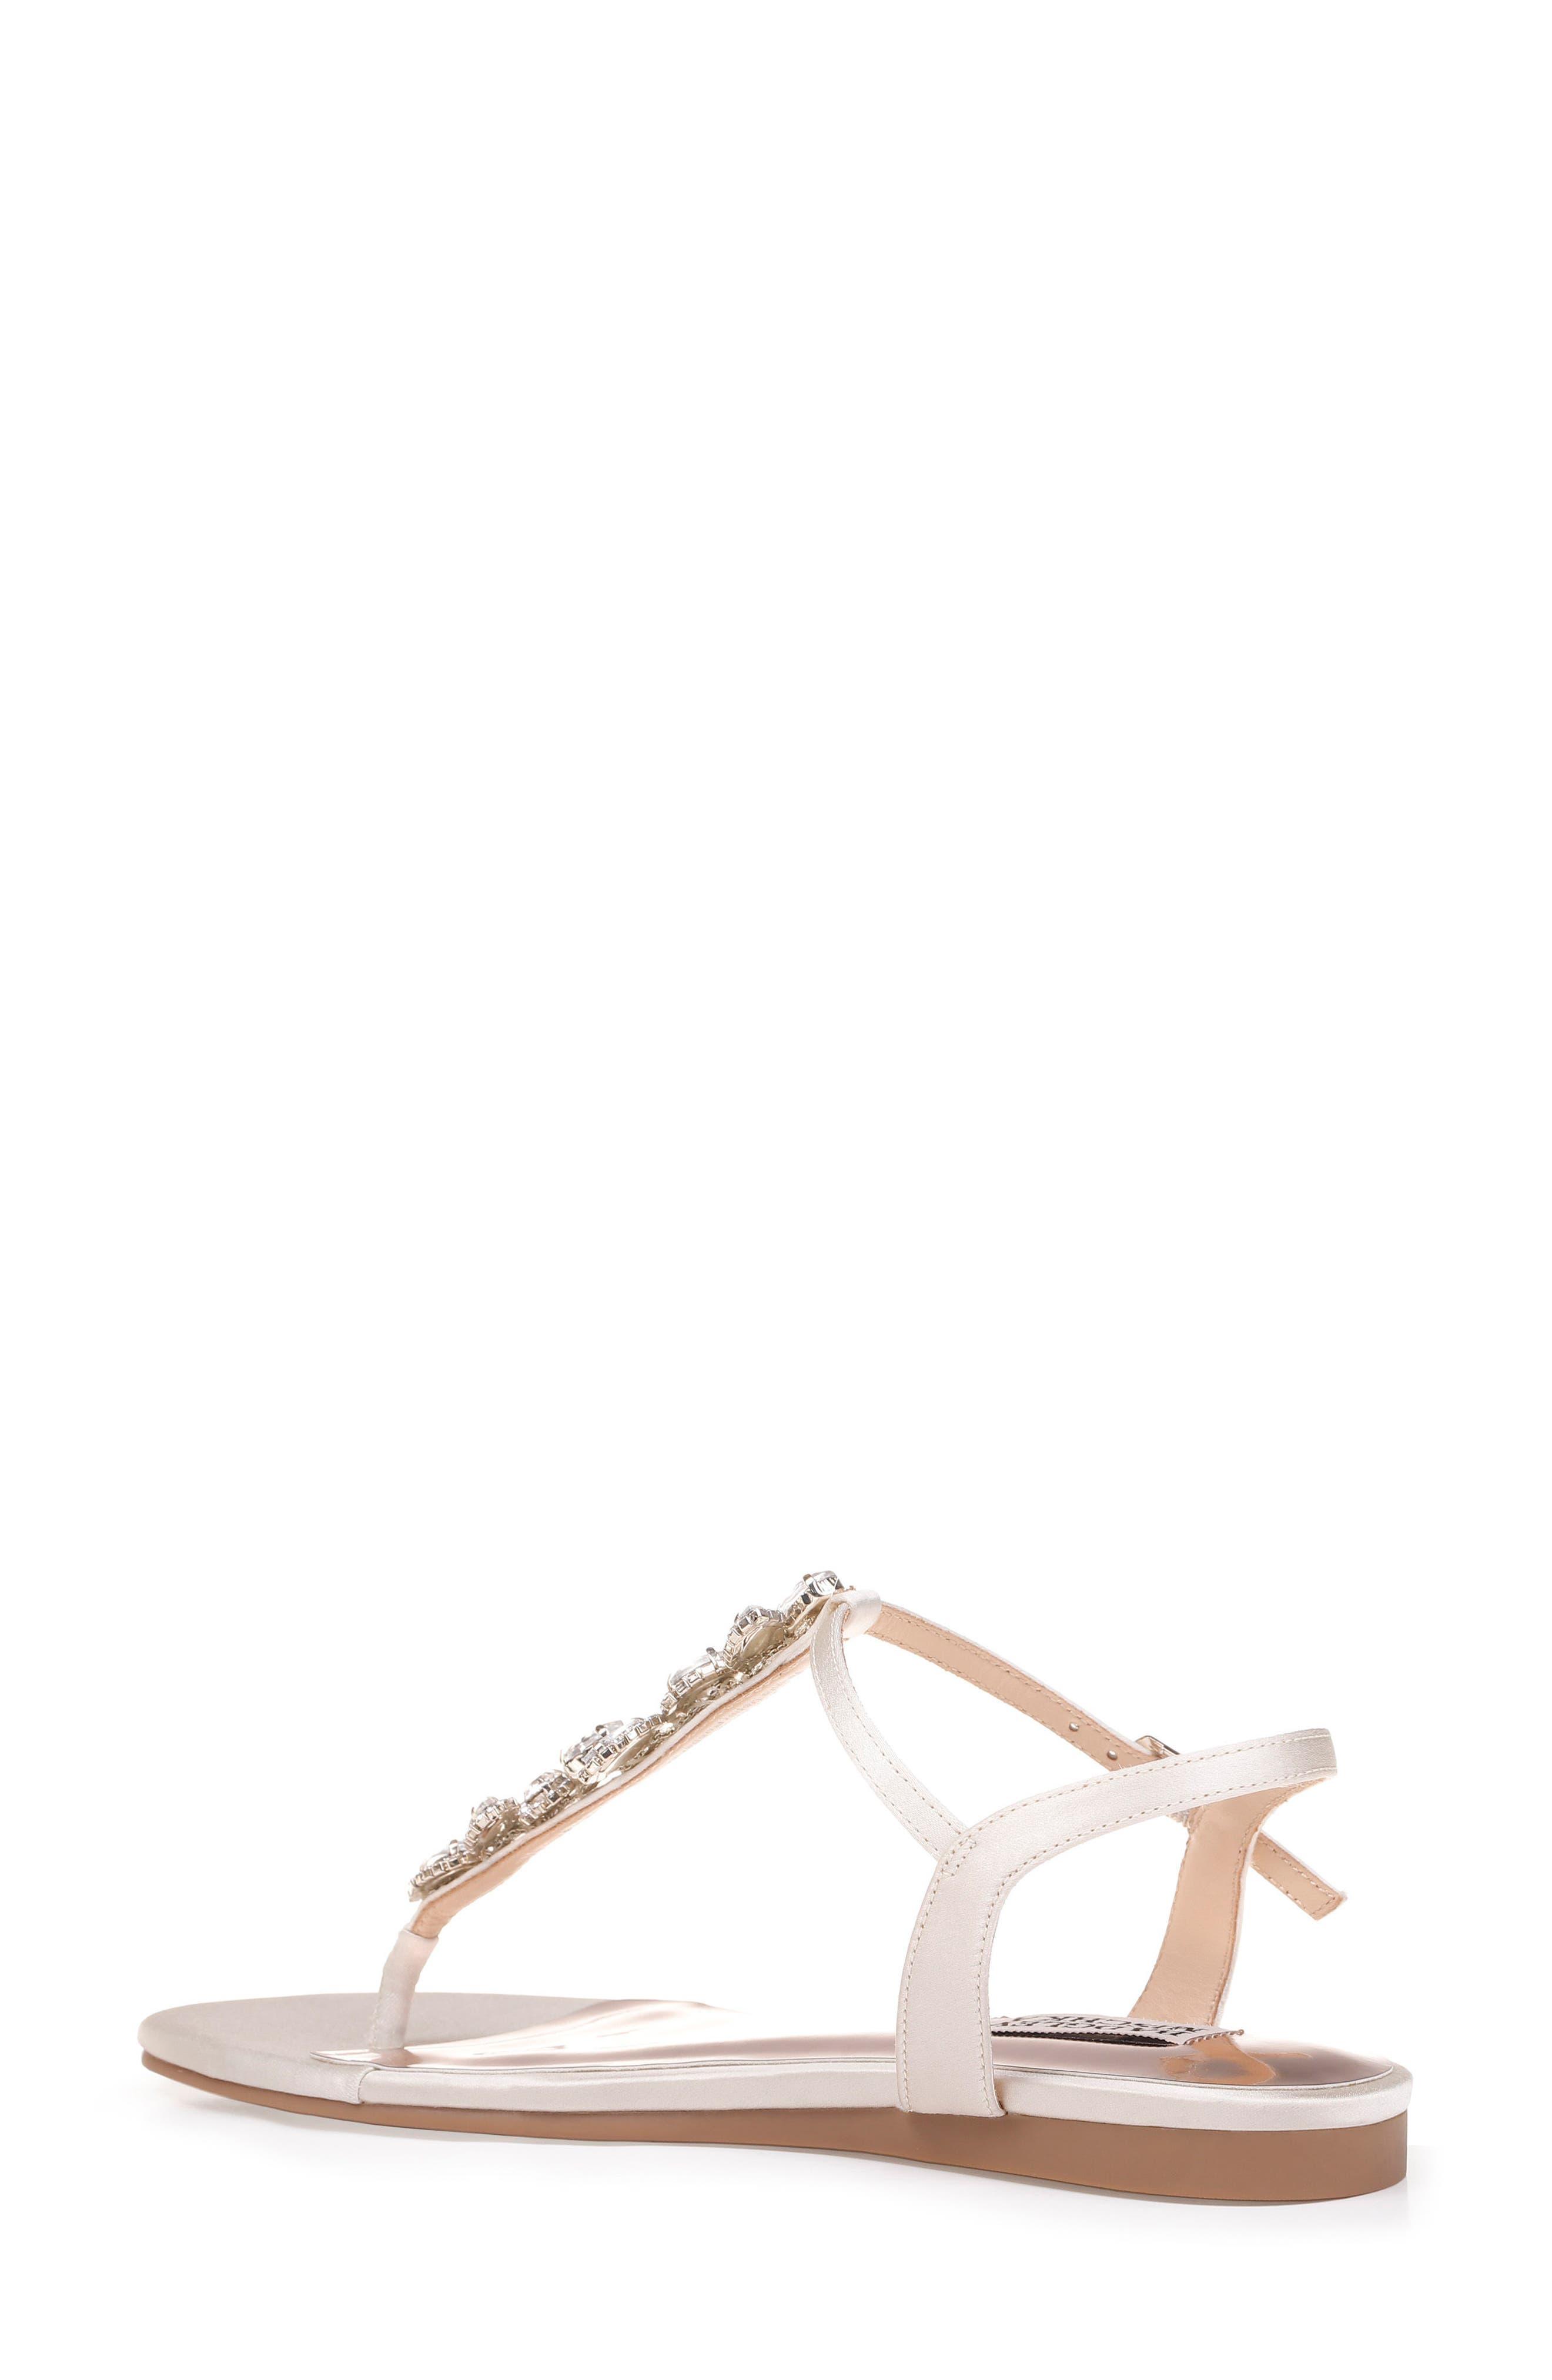 Sissi Crystal Embellished Sandal,                             Alternate thumbnail 2, color,                             100